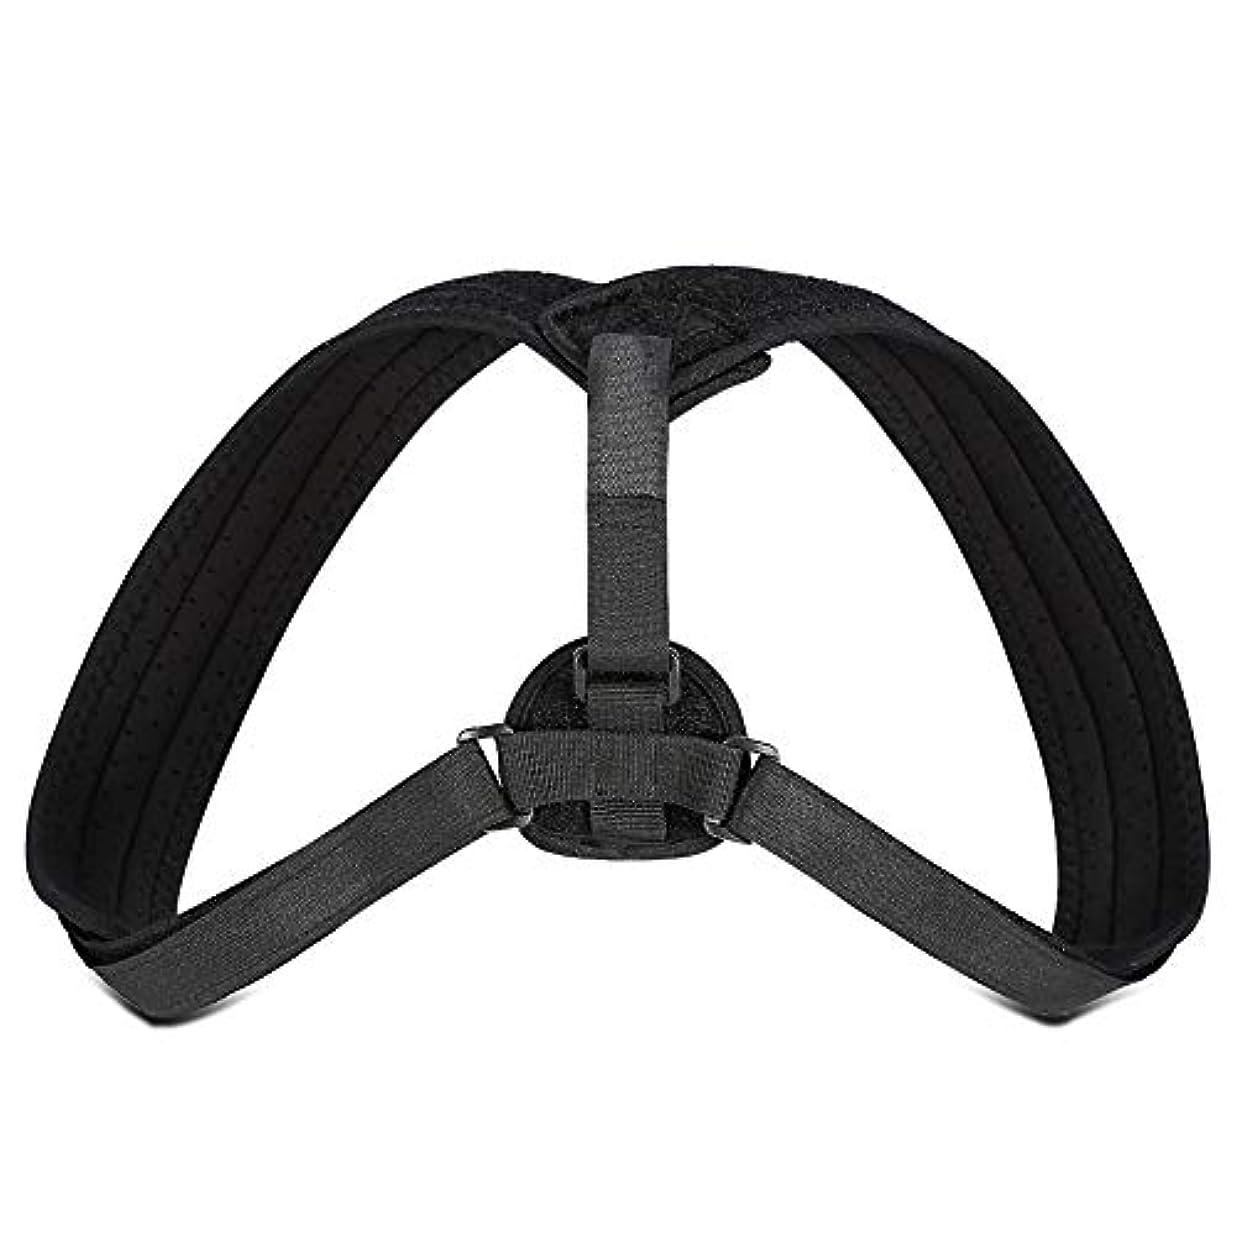 進捗なしで蜜Yosoo Posture Corrector - ブレースアッパーバックネックショルダーサポートアジャスタブルストラップ、肩の体位補正、整形外科用こぶの緩和のための包帯矯正、ティーン用